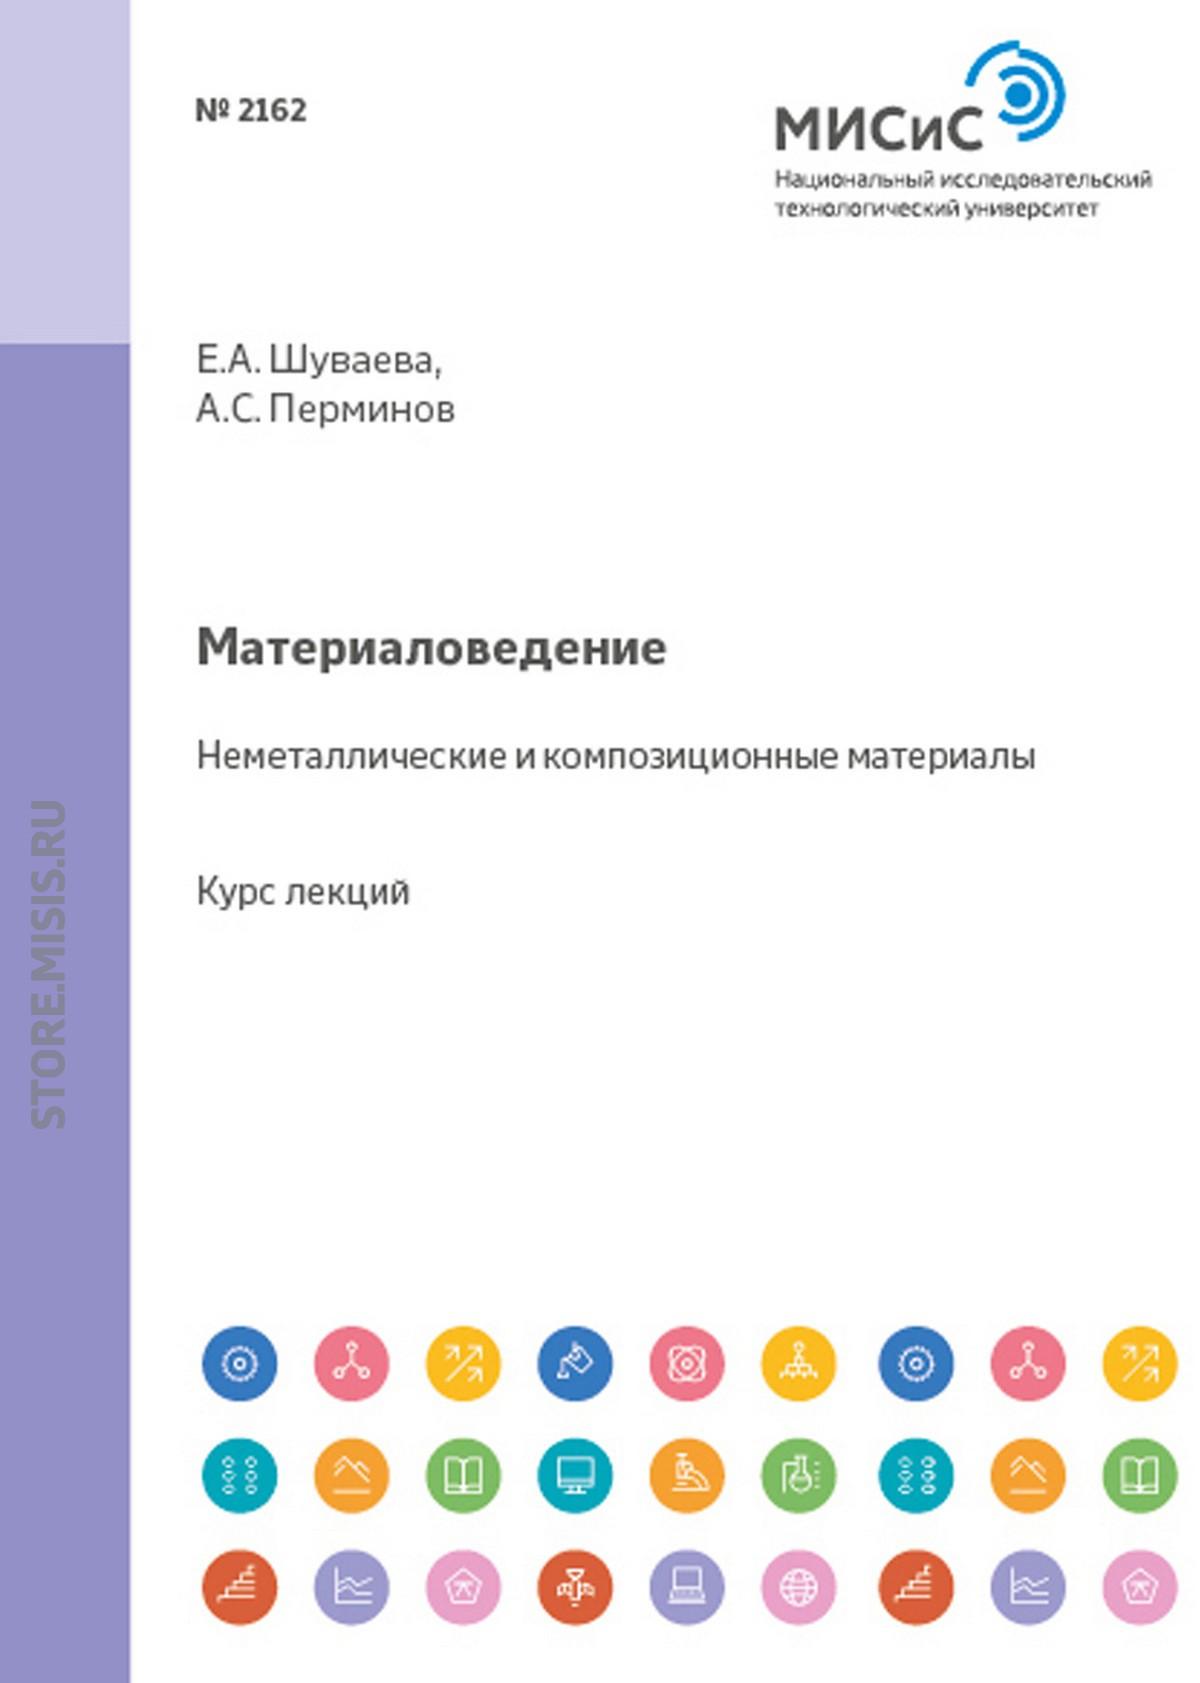 Евгения Шуваева Материаловедение. Неметаллические и композиционные материалы в д чмырь материаловедение для маляров